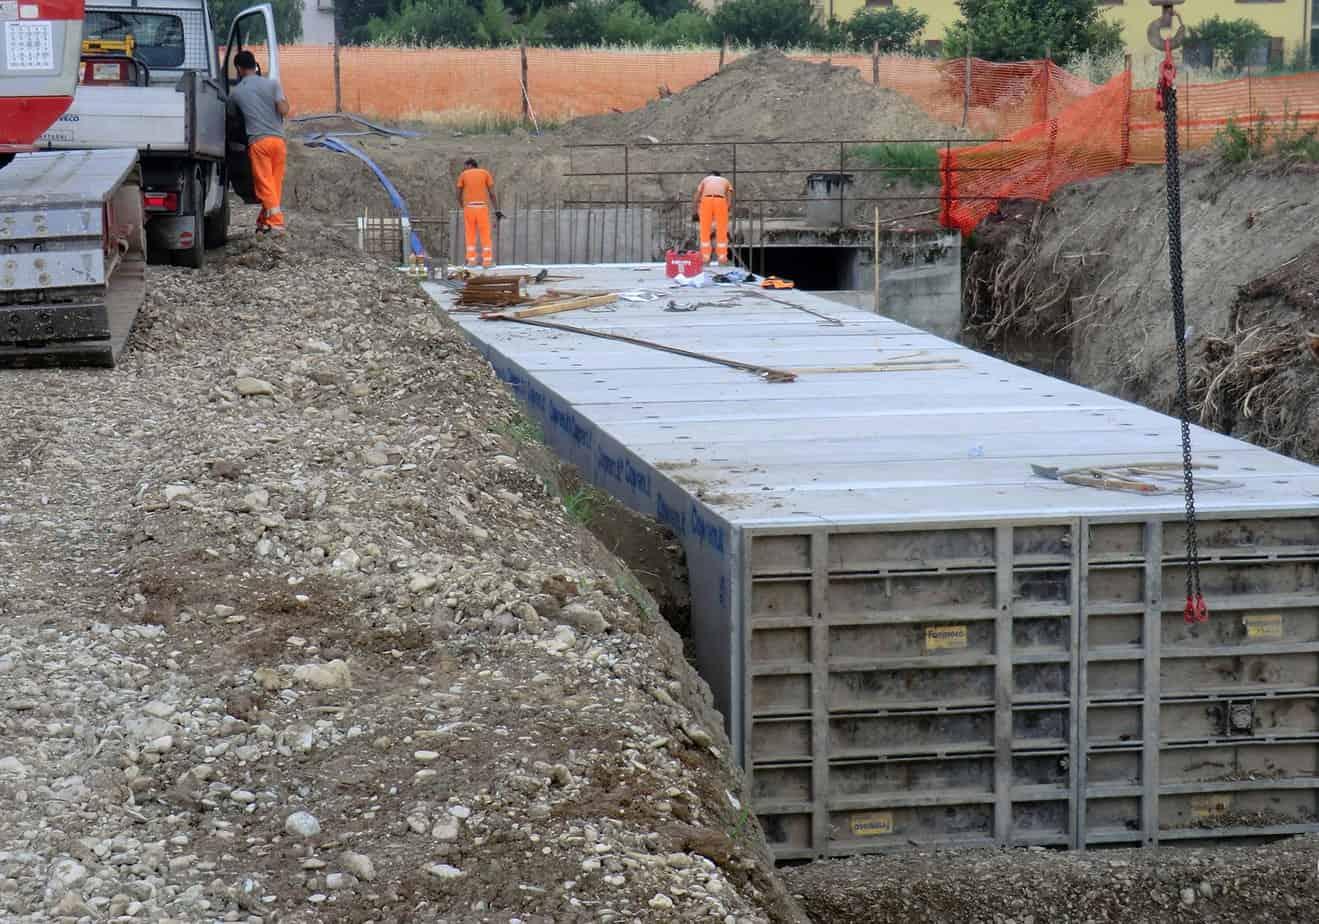 L'inizio della posa degli scatolari dal primo punto di collegamento gettato in opera, con il tamponamento per proteggere dai detriti portati da eventuali onde di piena